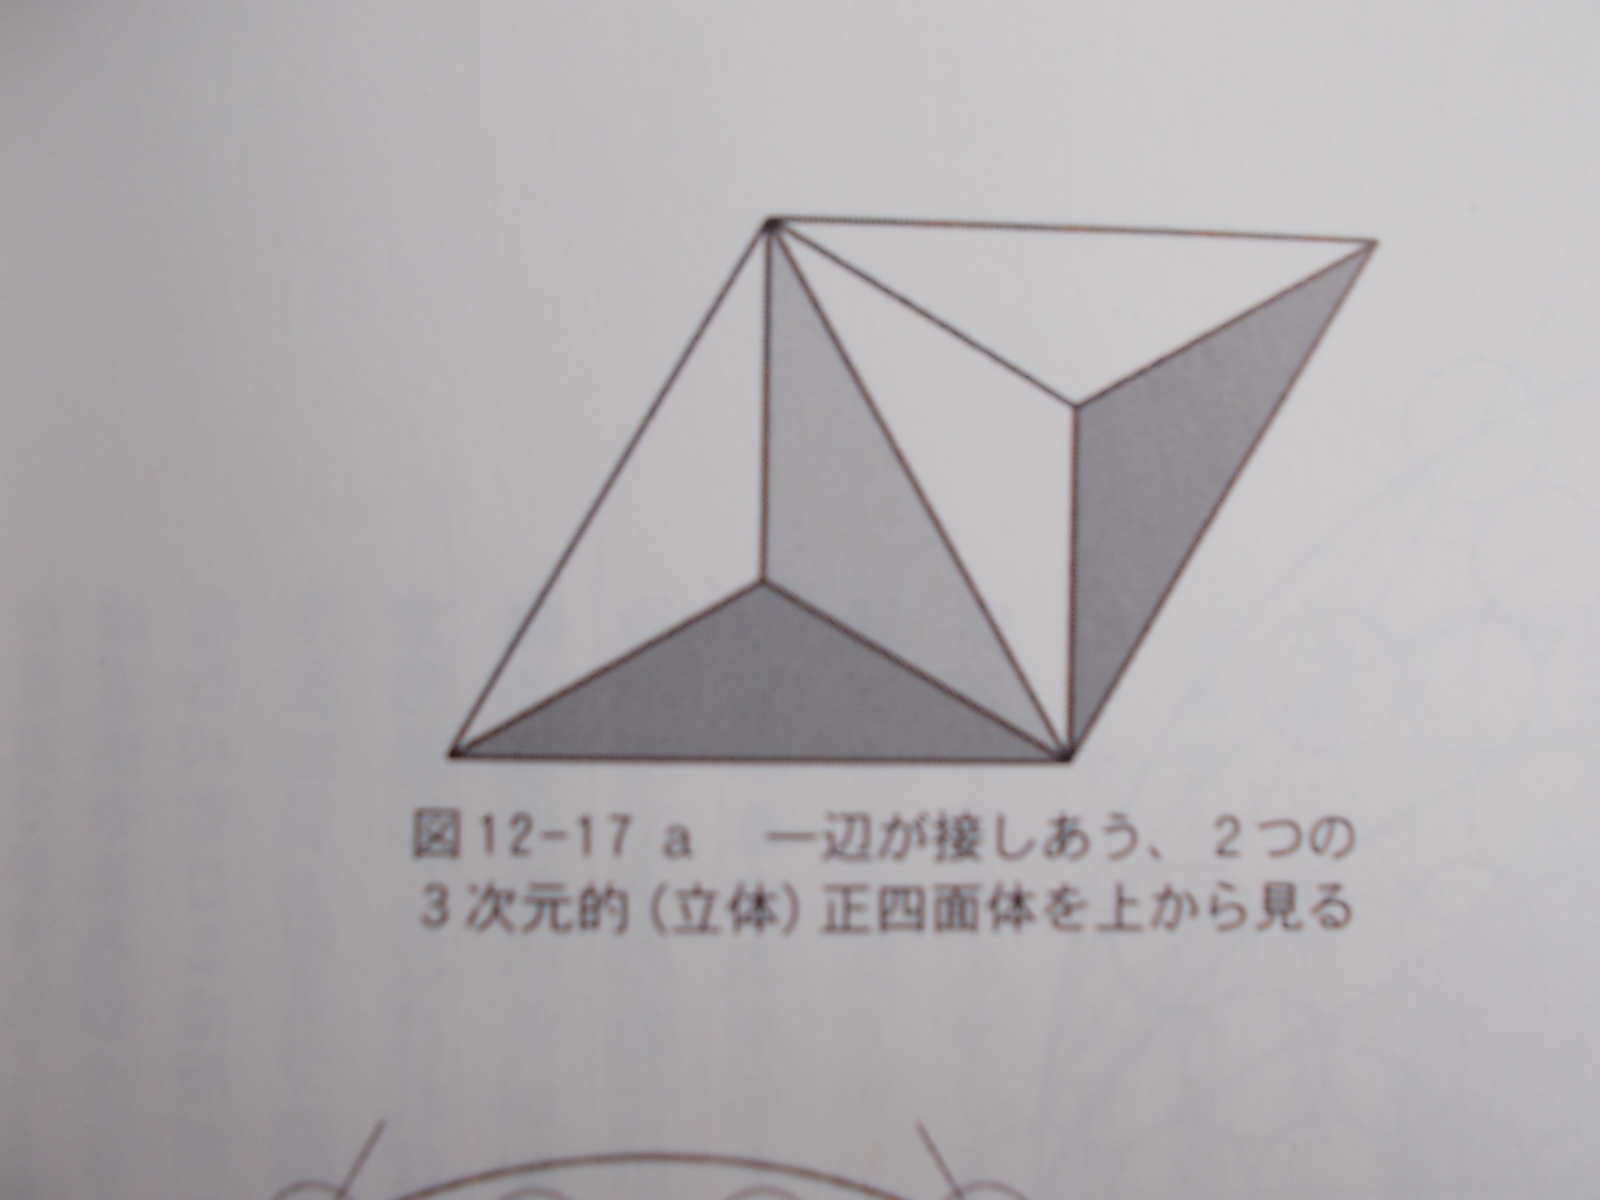 f:id:uta_stream:20210401113339j:plain